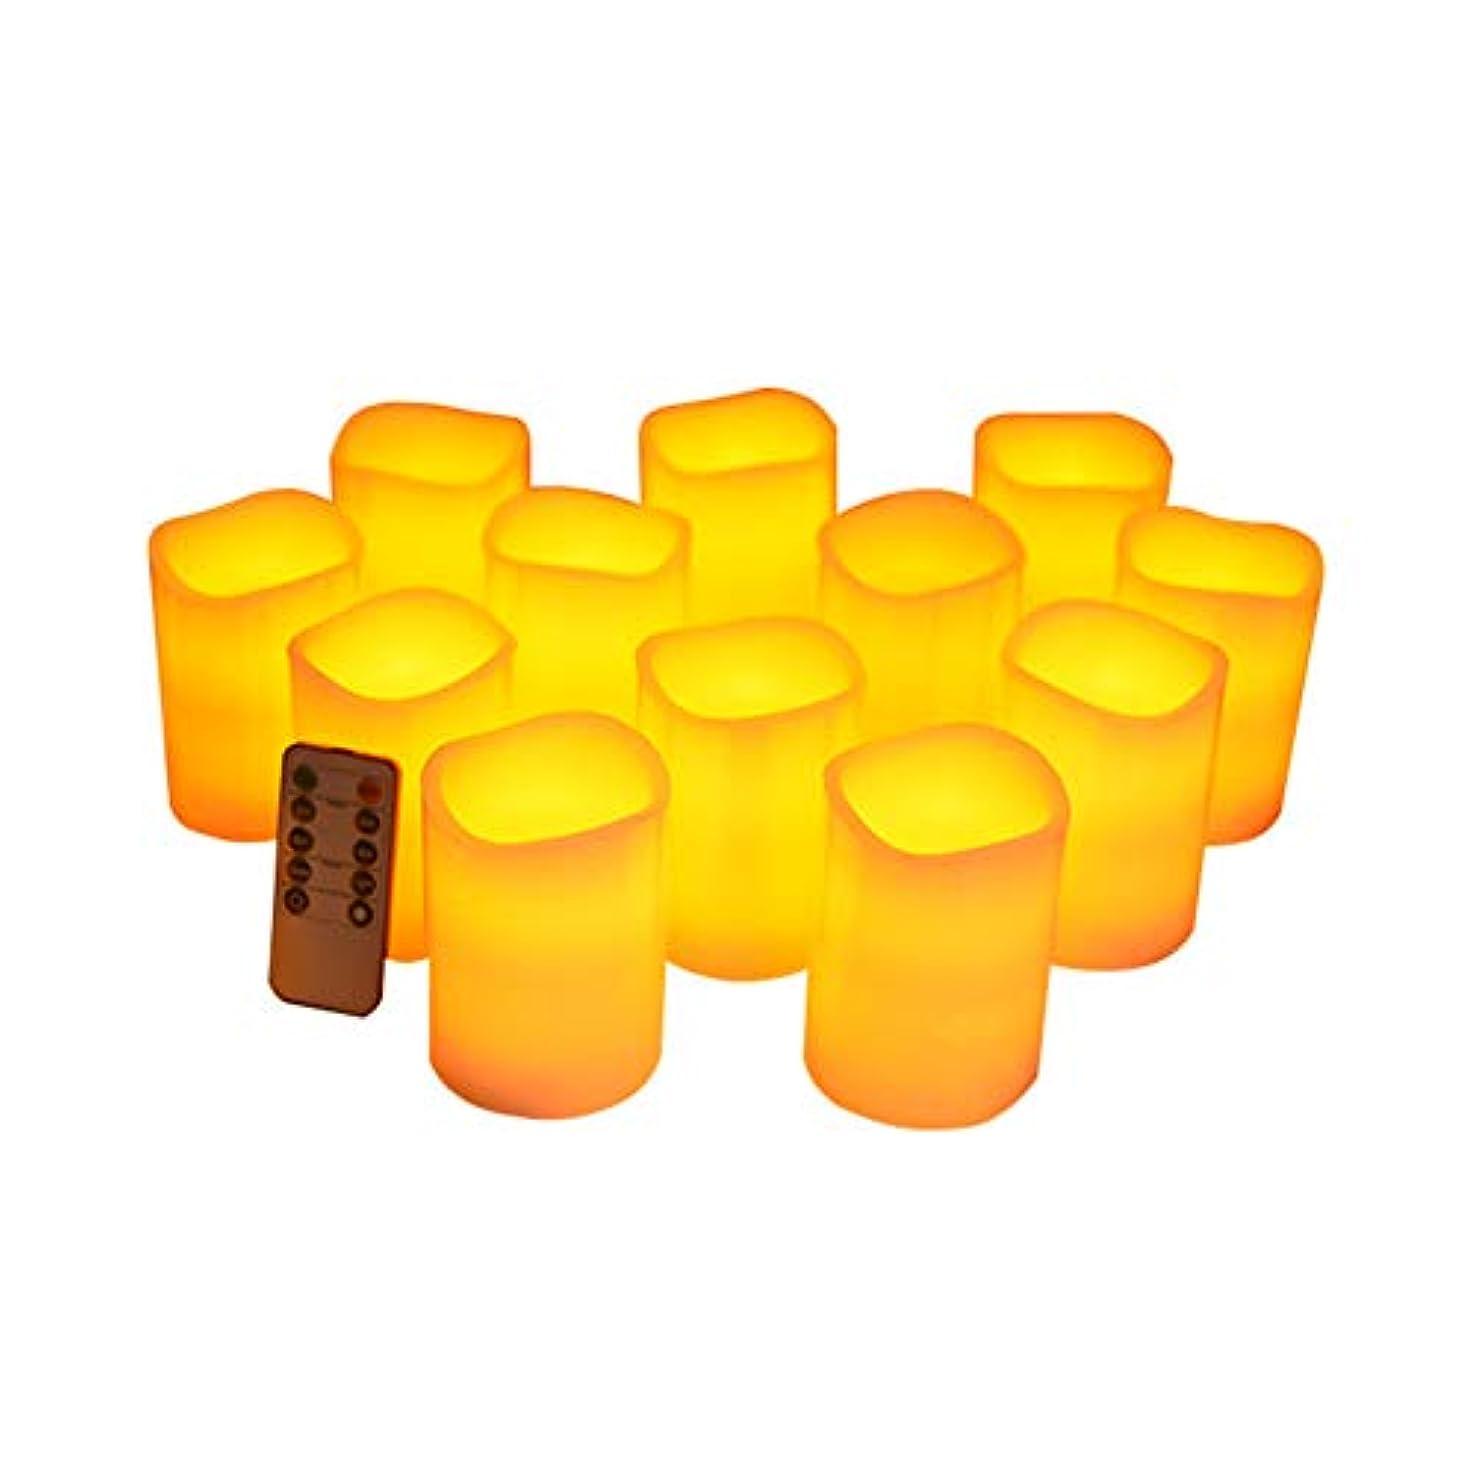 雑品抑制するおびえたフレームレスキャンドルフリッカーLED柱リアルキャンドルリモコン付きサイクリングタイマー電気キャンドル12個セット